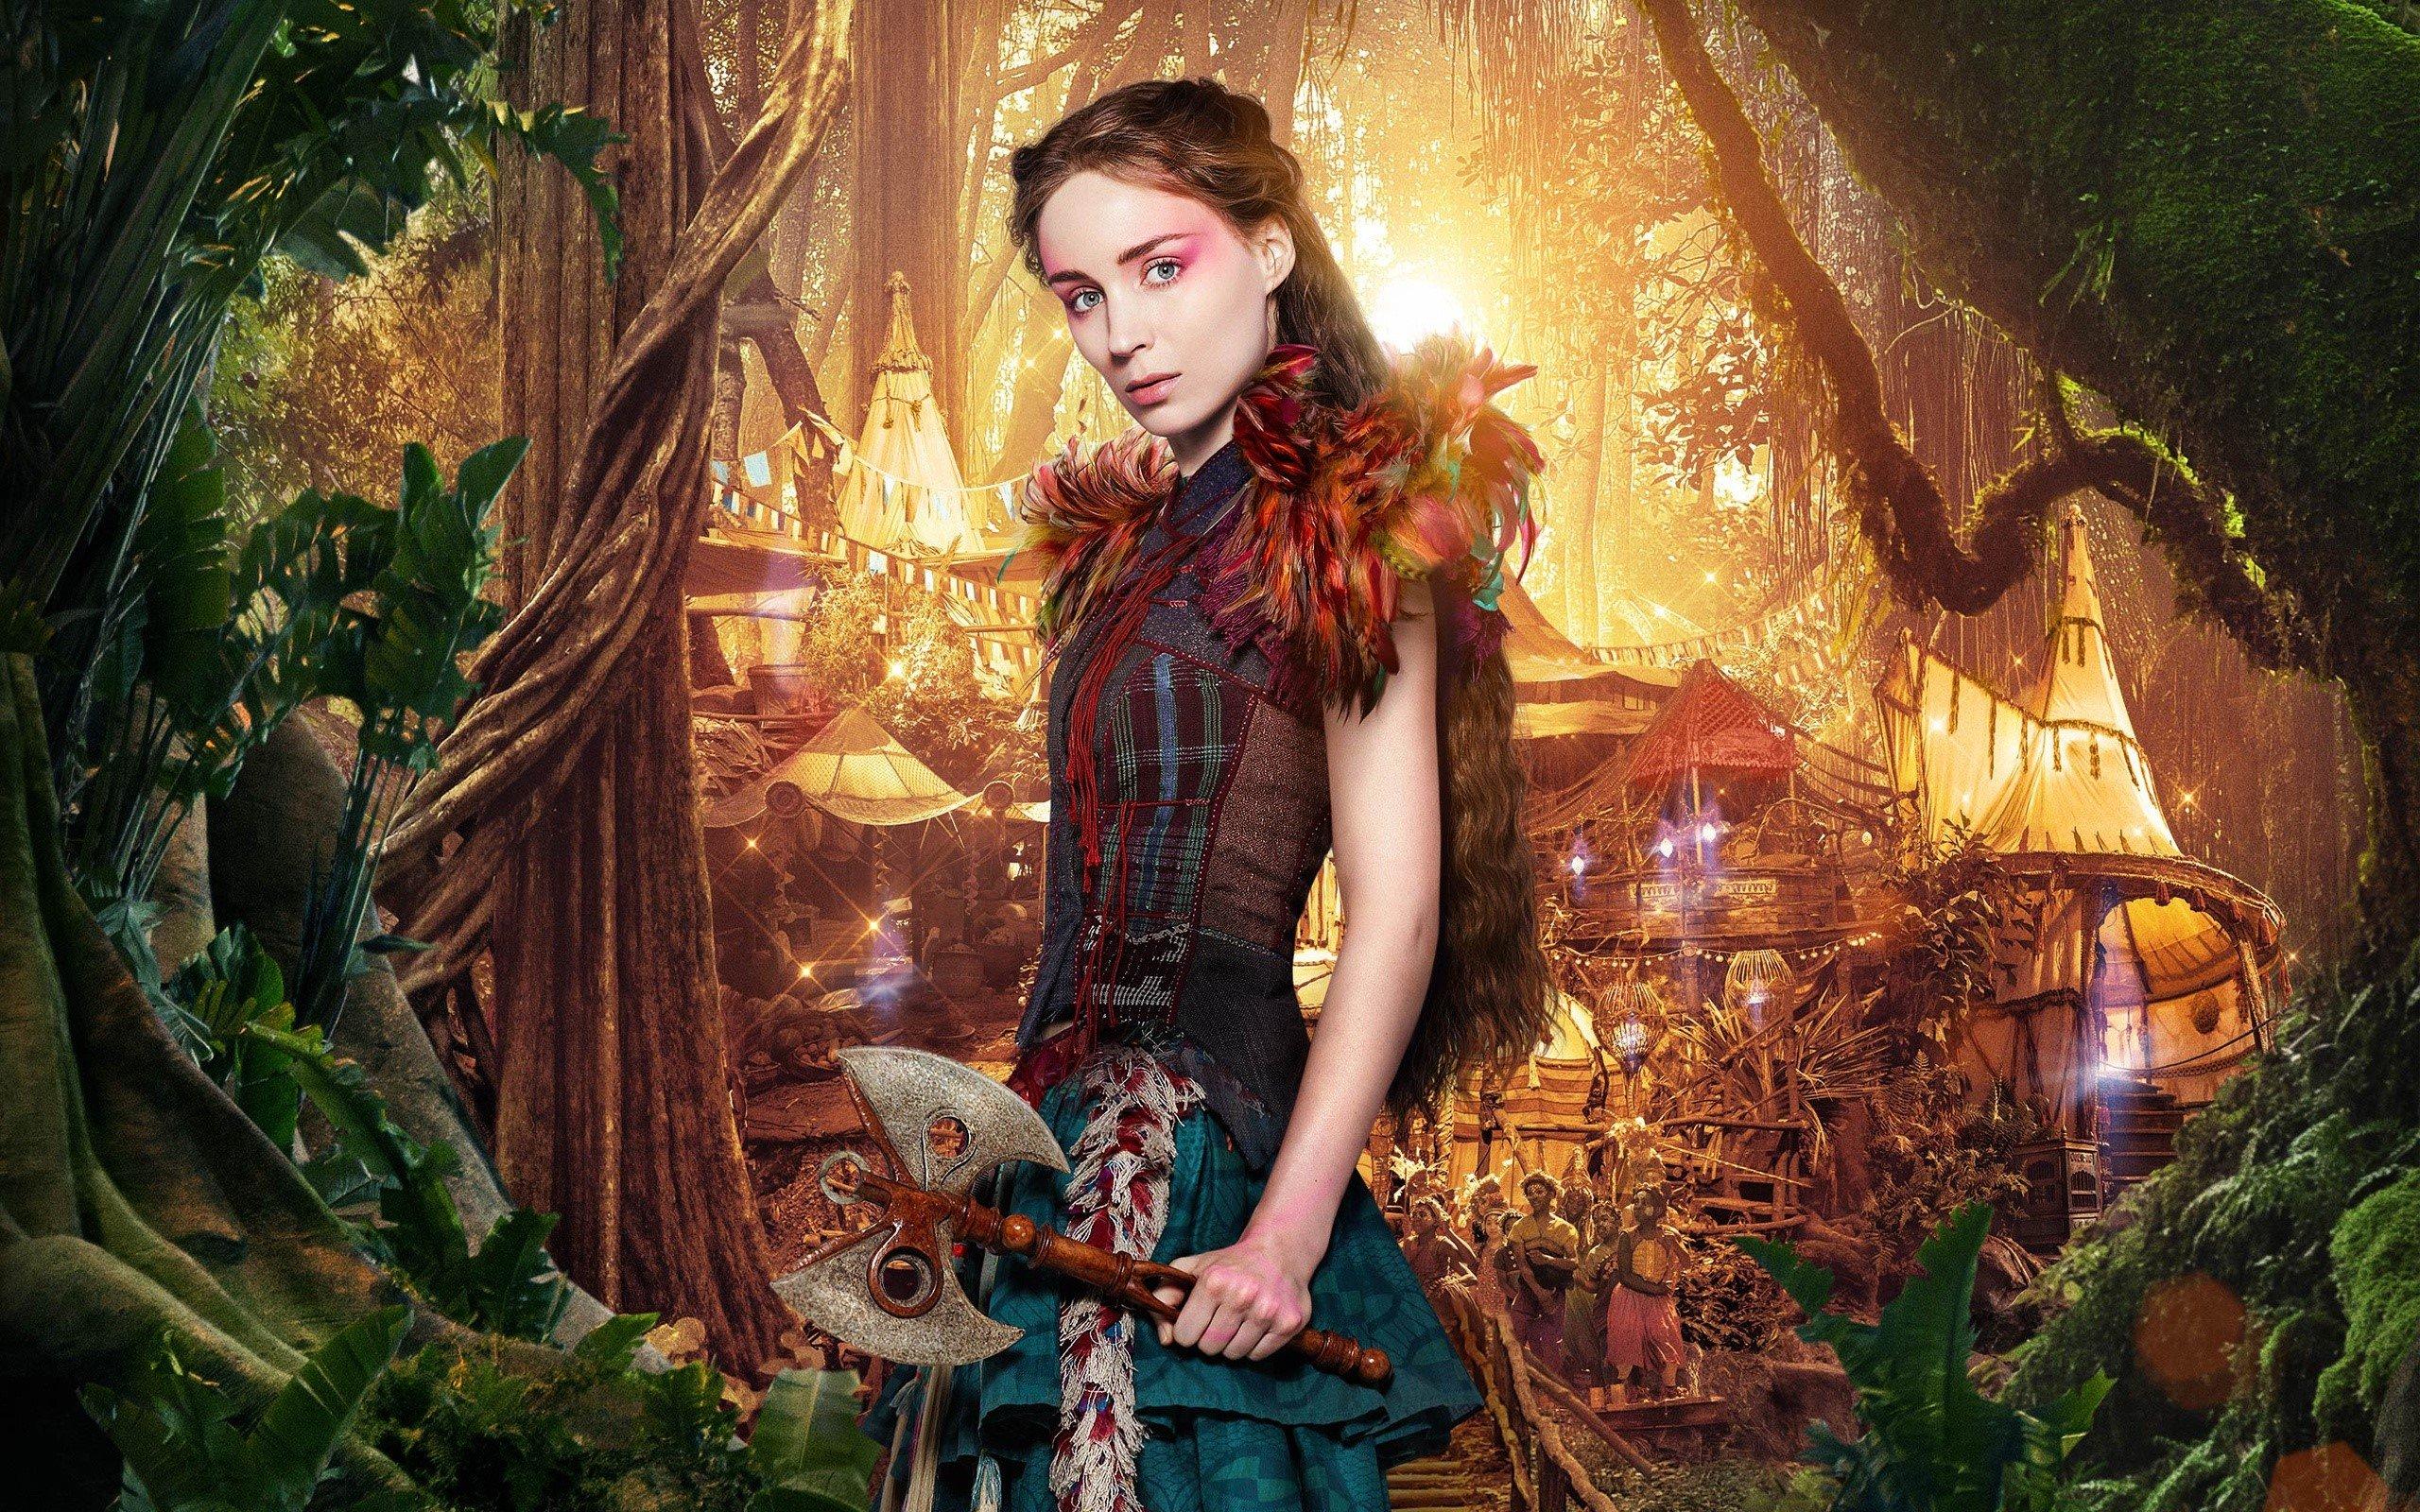 Fondo de pantalla de Rooney Mara como Tigrilla en Pan Imágenes